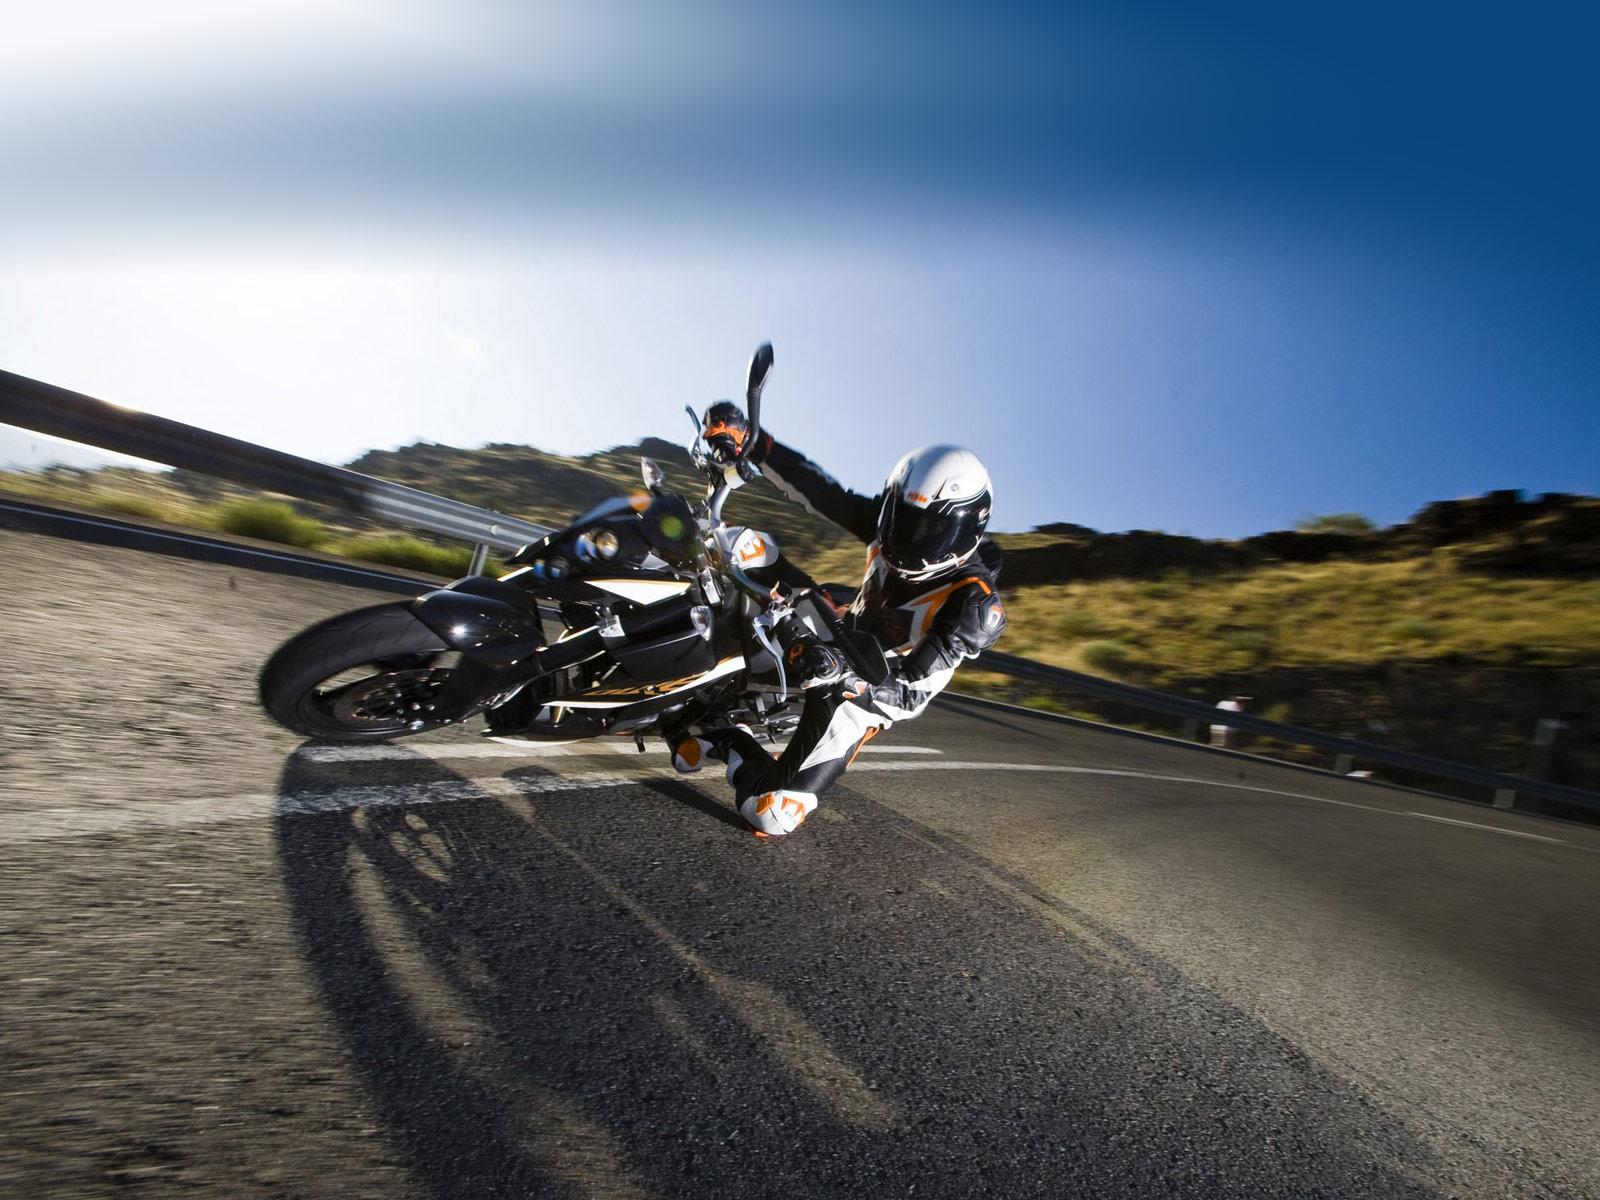 Gambar motor KTM 690 Duke 2011 specifications